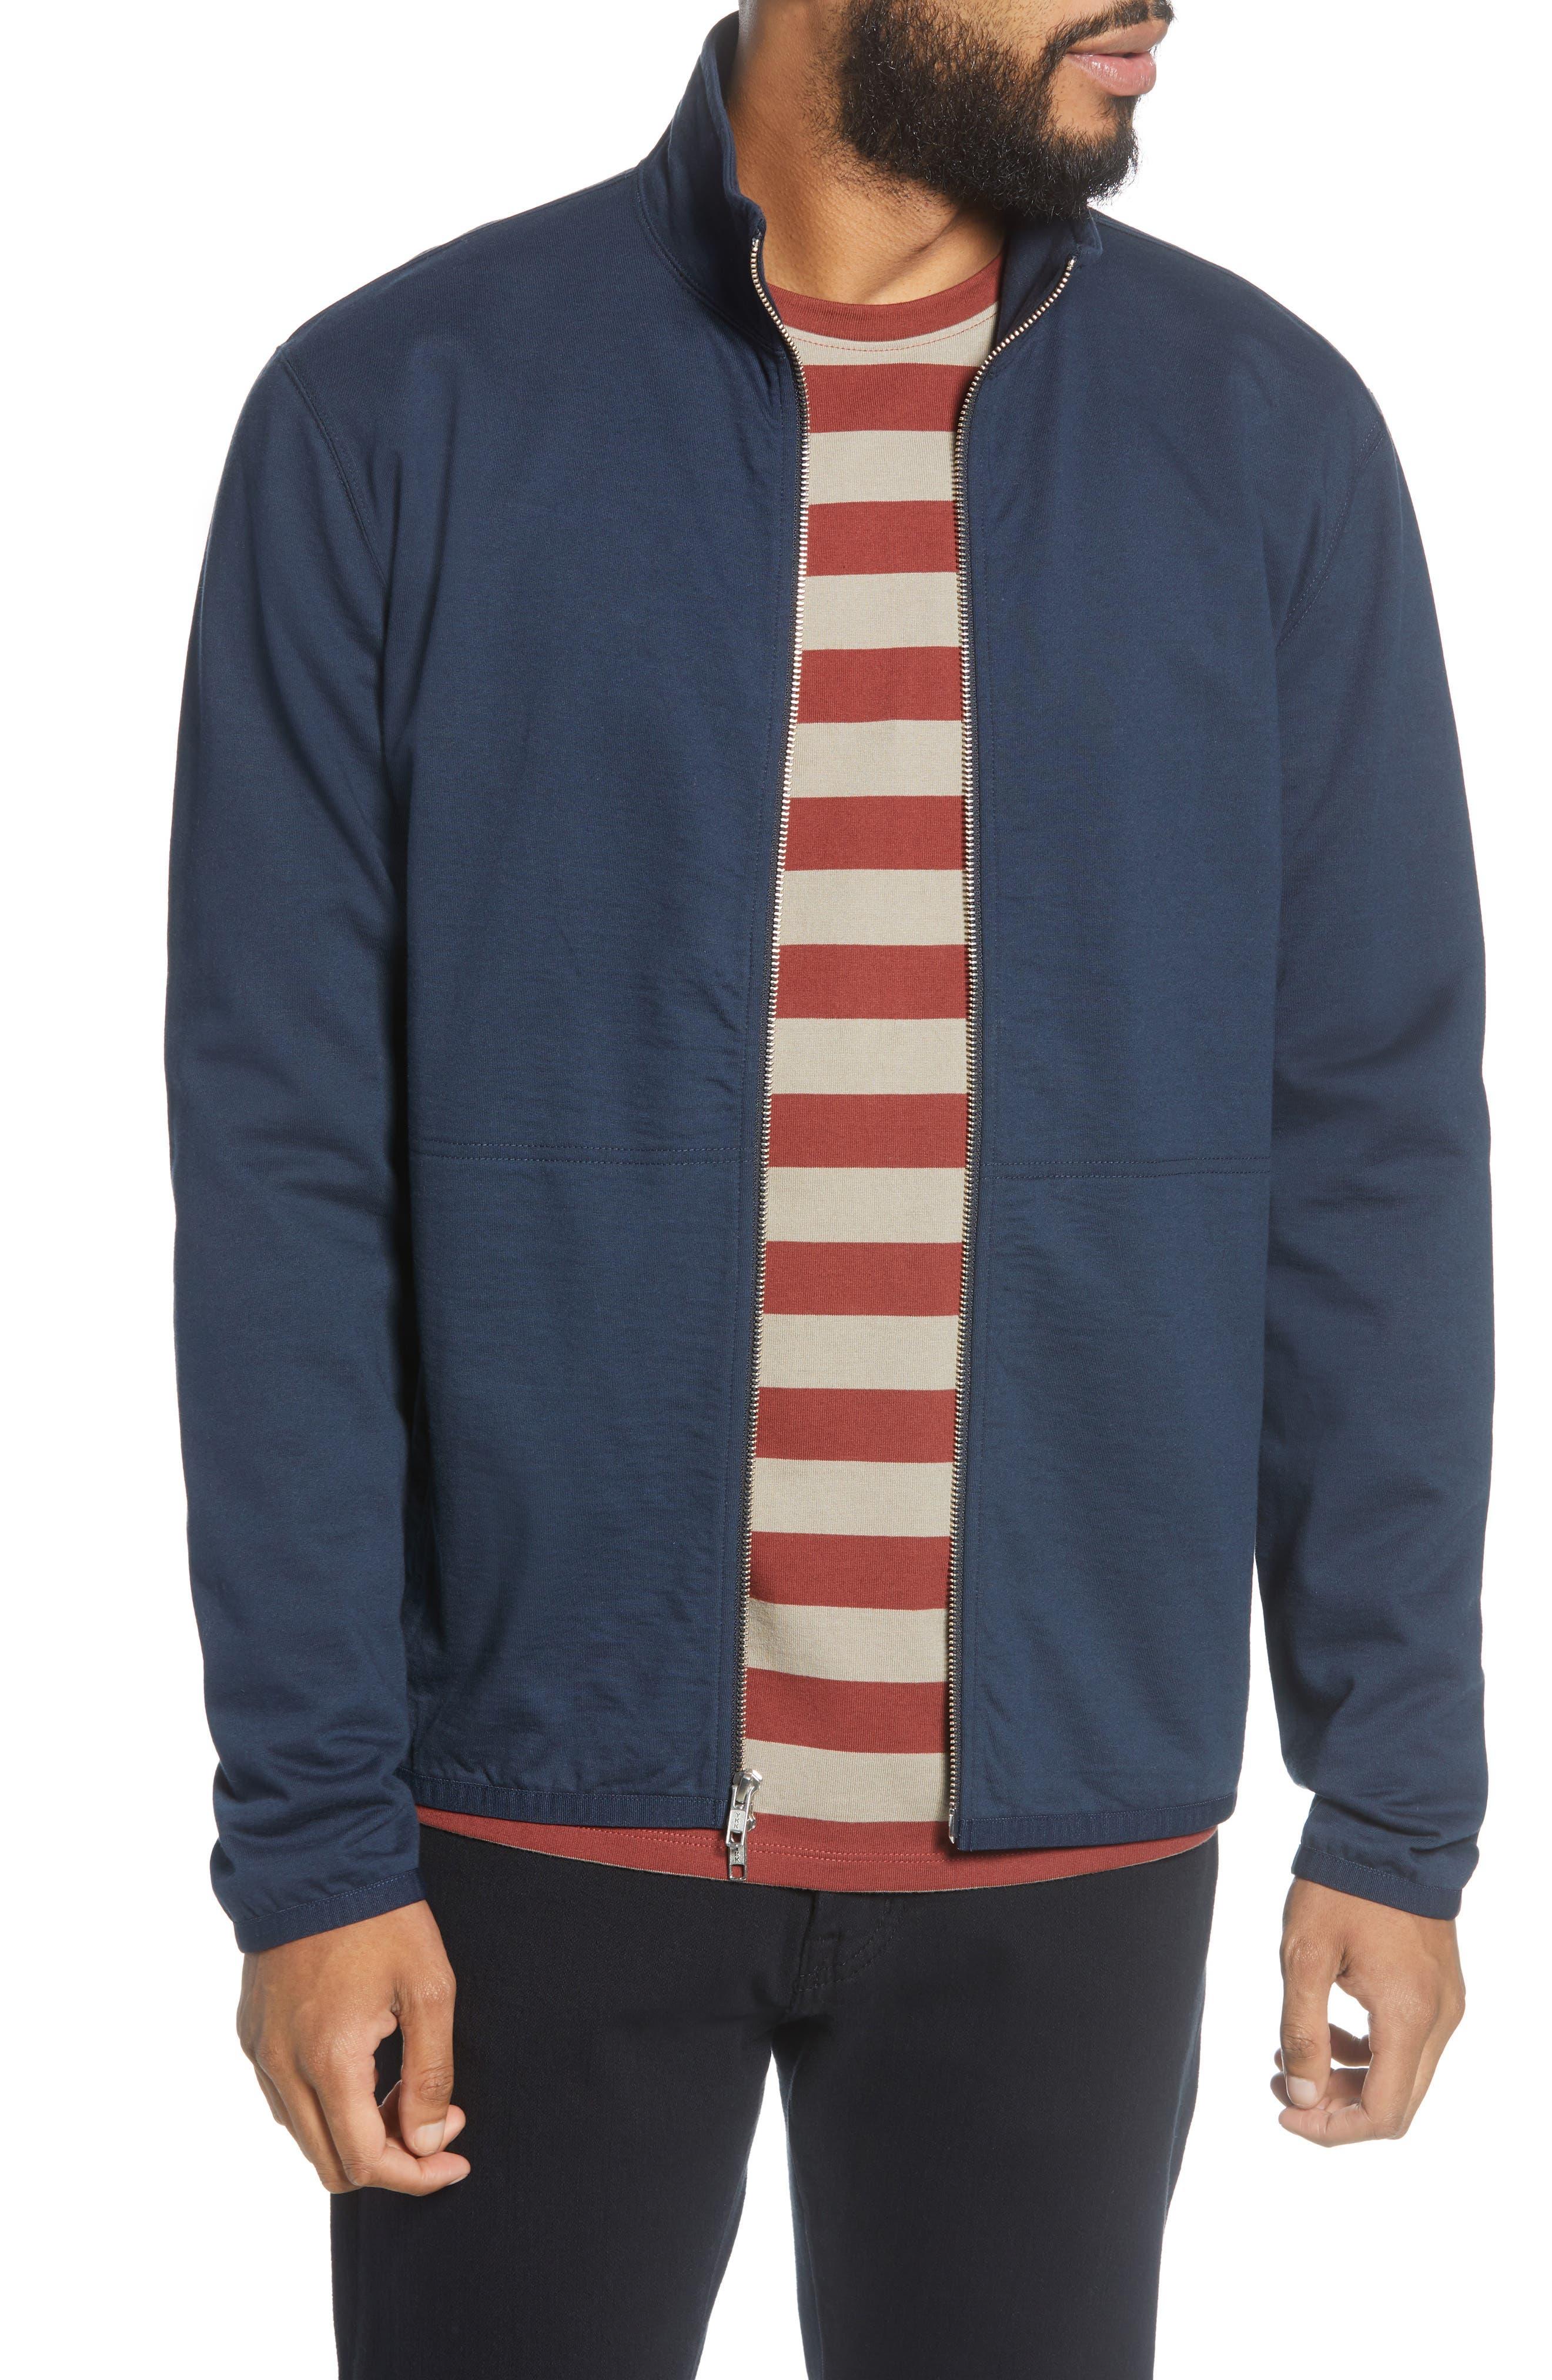 Nomez Fleece Zip Jacket